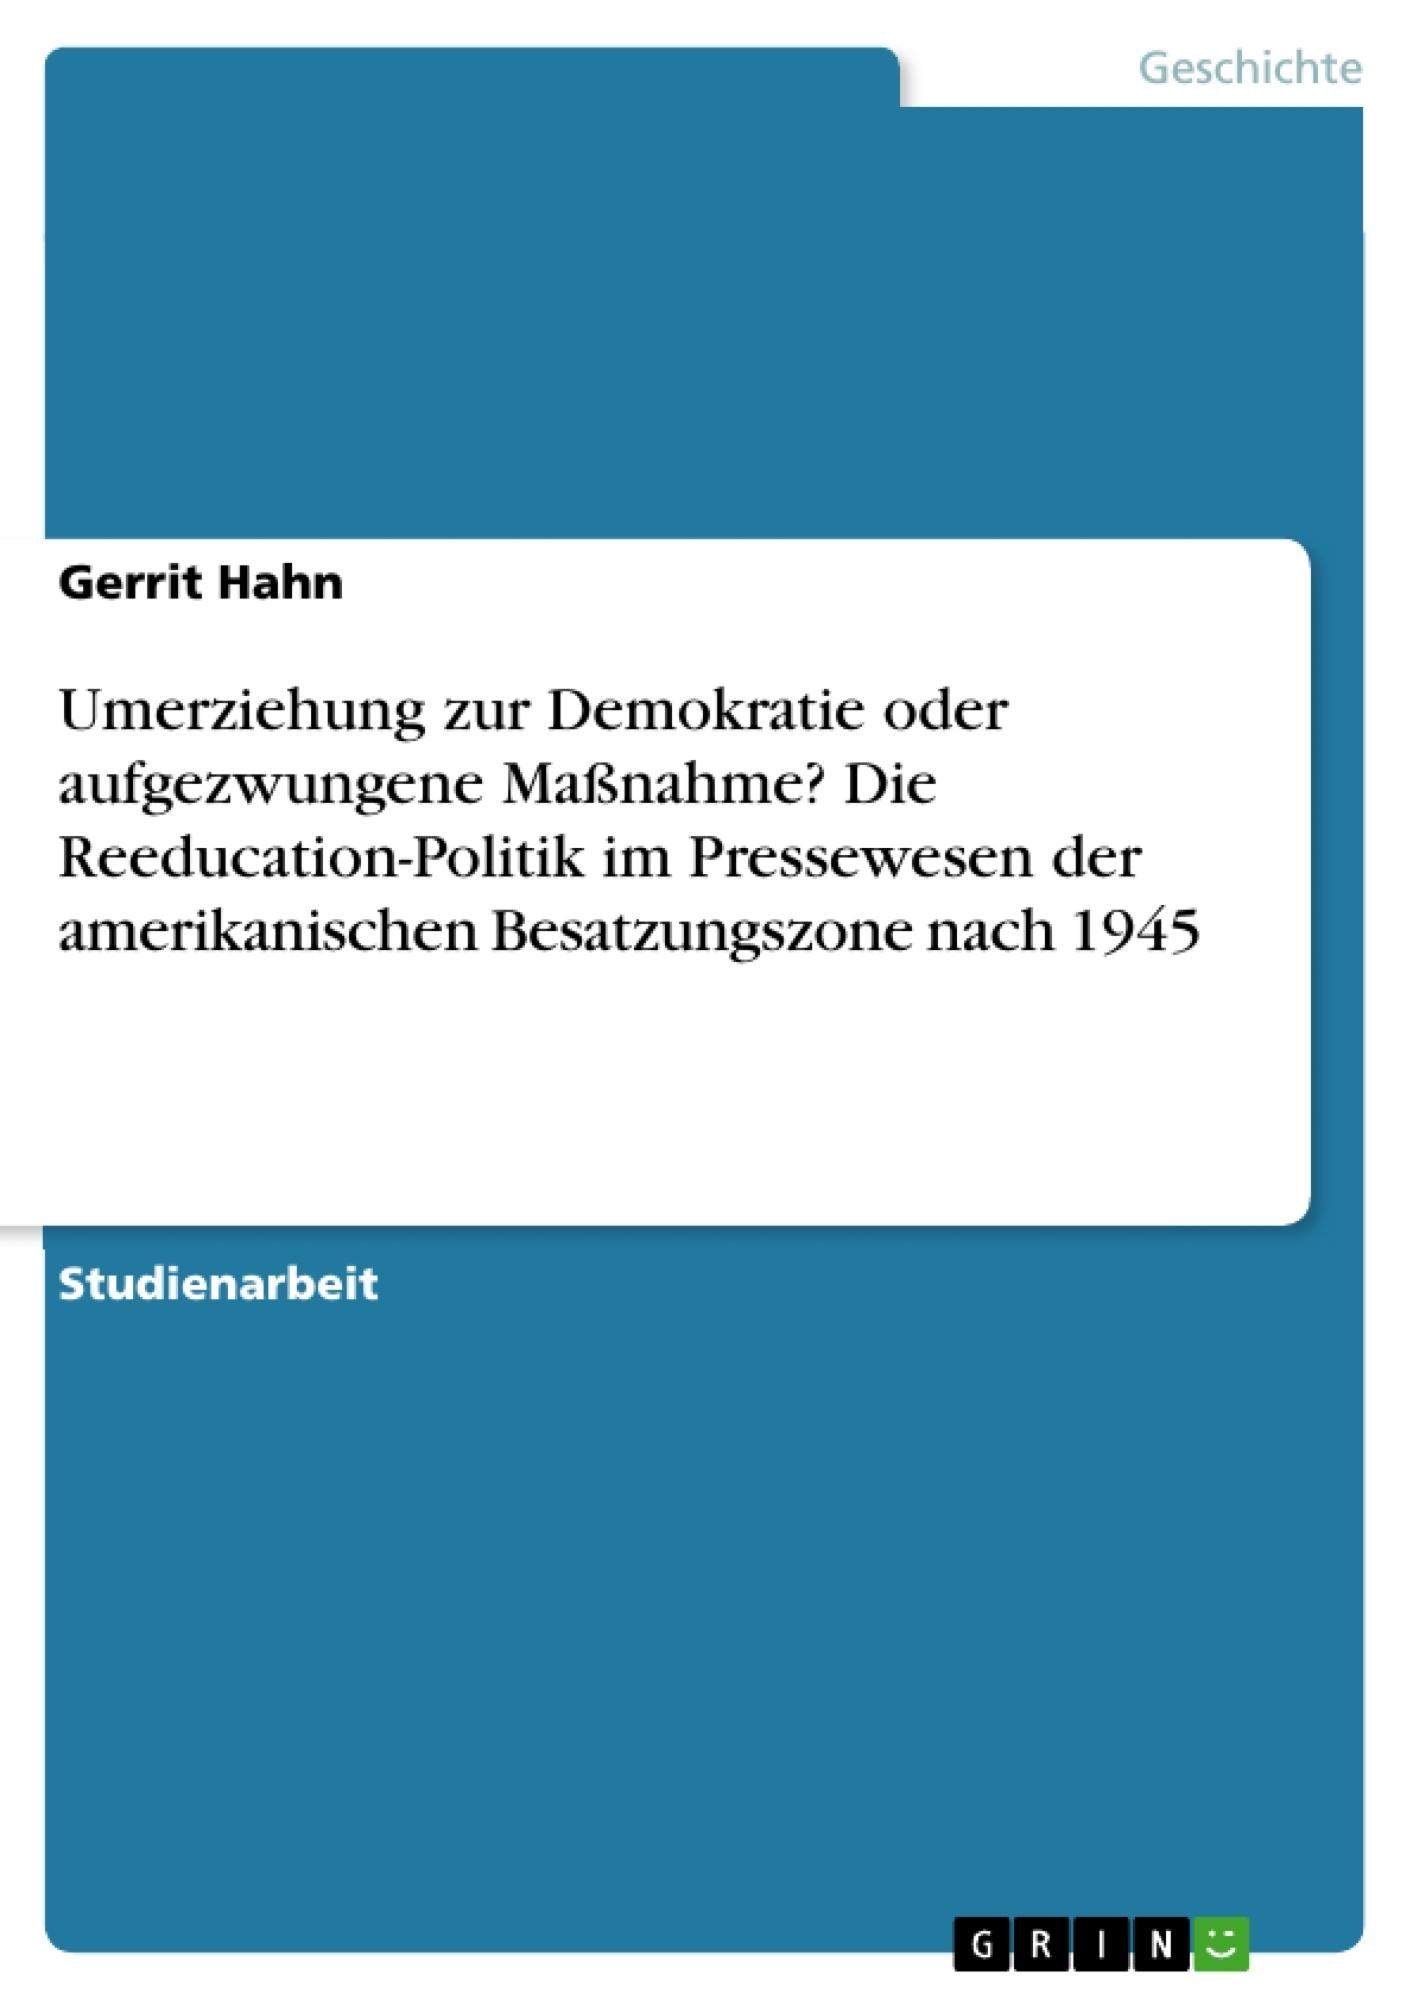 Titel: Umerziehung zur Demokratie oder aufgezwungene Maßnahme? Die Reeducation-Politik im Pressewesen der amerikanischen Besatzungszone nach 1945